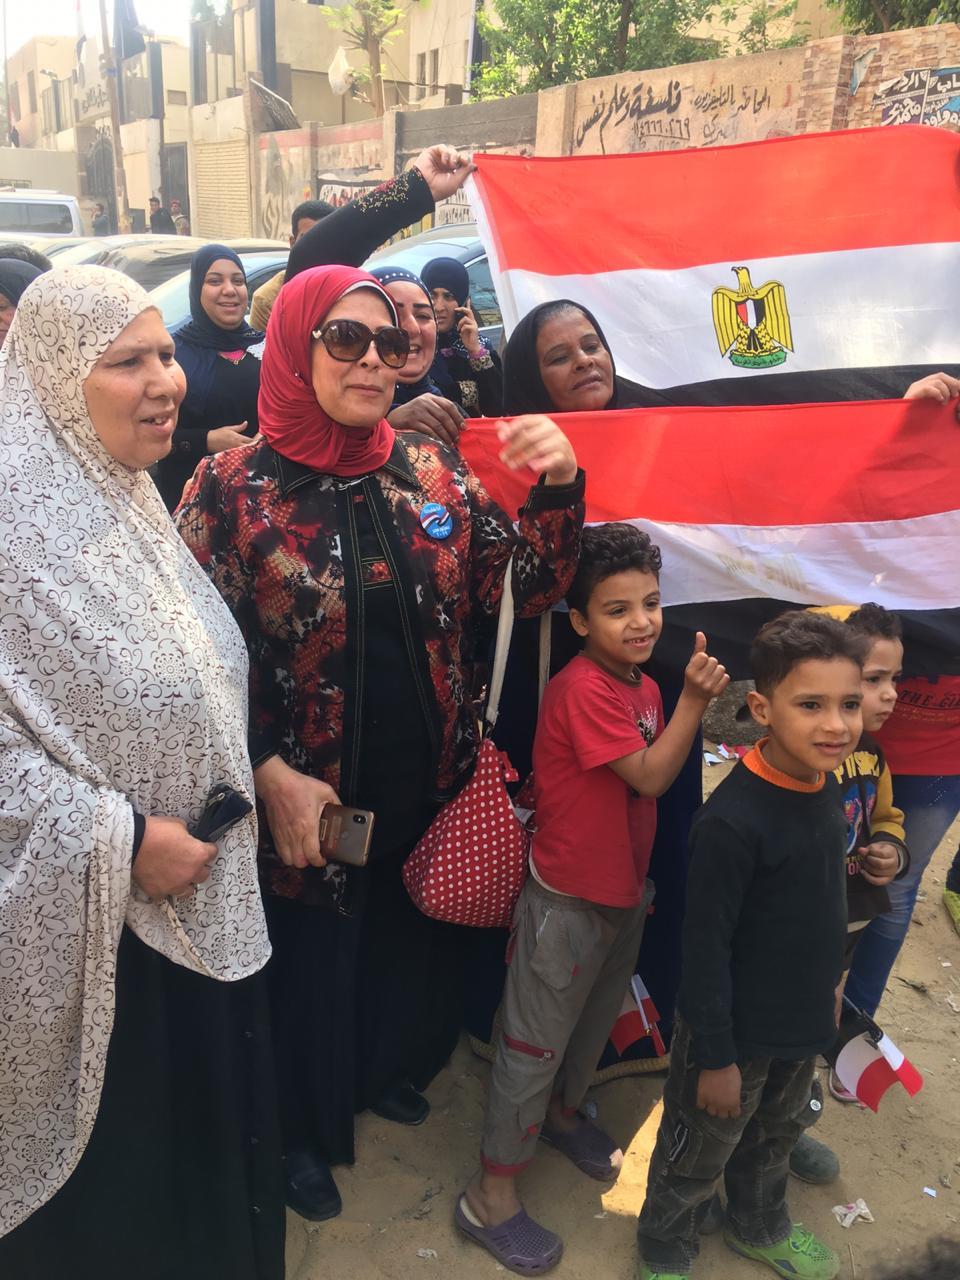 المصريون يدحضون أكاذيب الإرهابية (3)